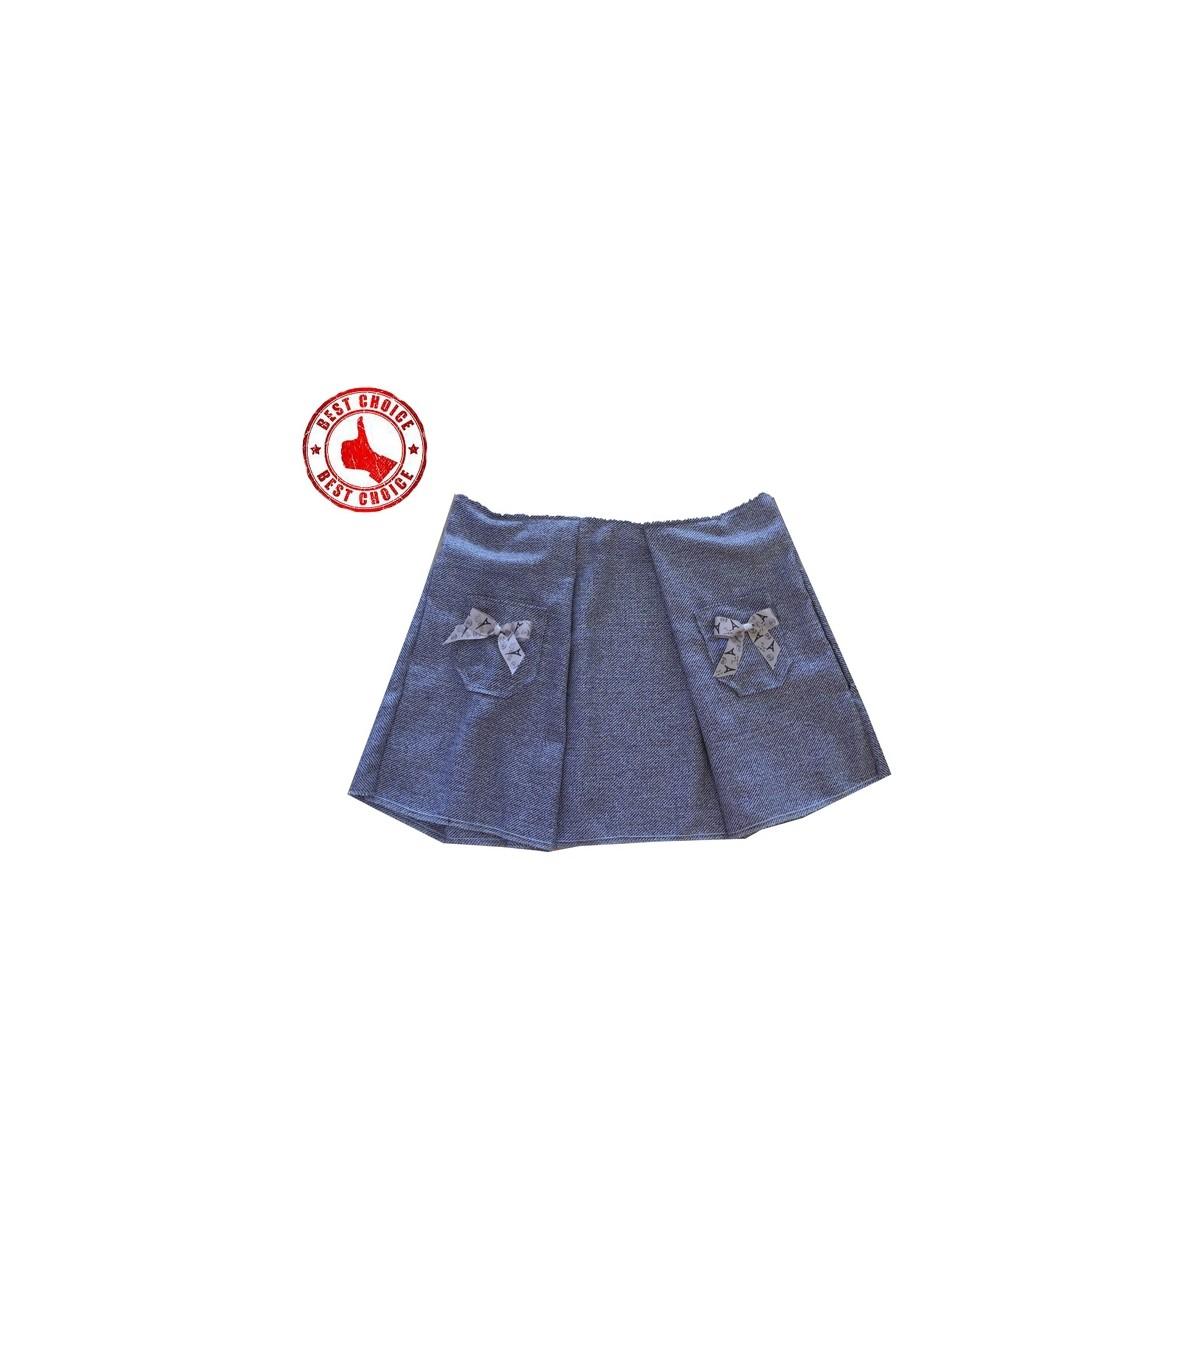 online store bf7f6 9754a Pariser brauner Stoff Rock Größe L